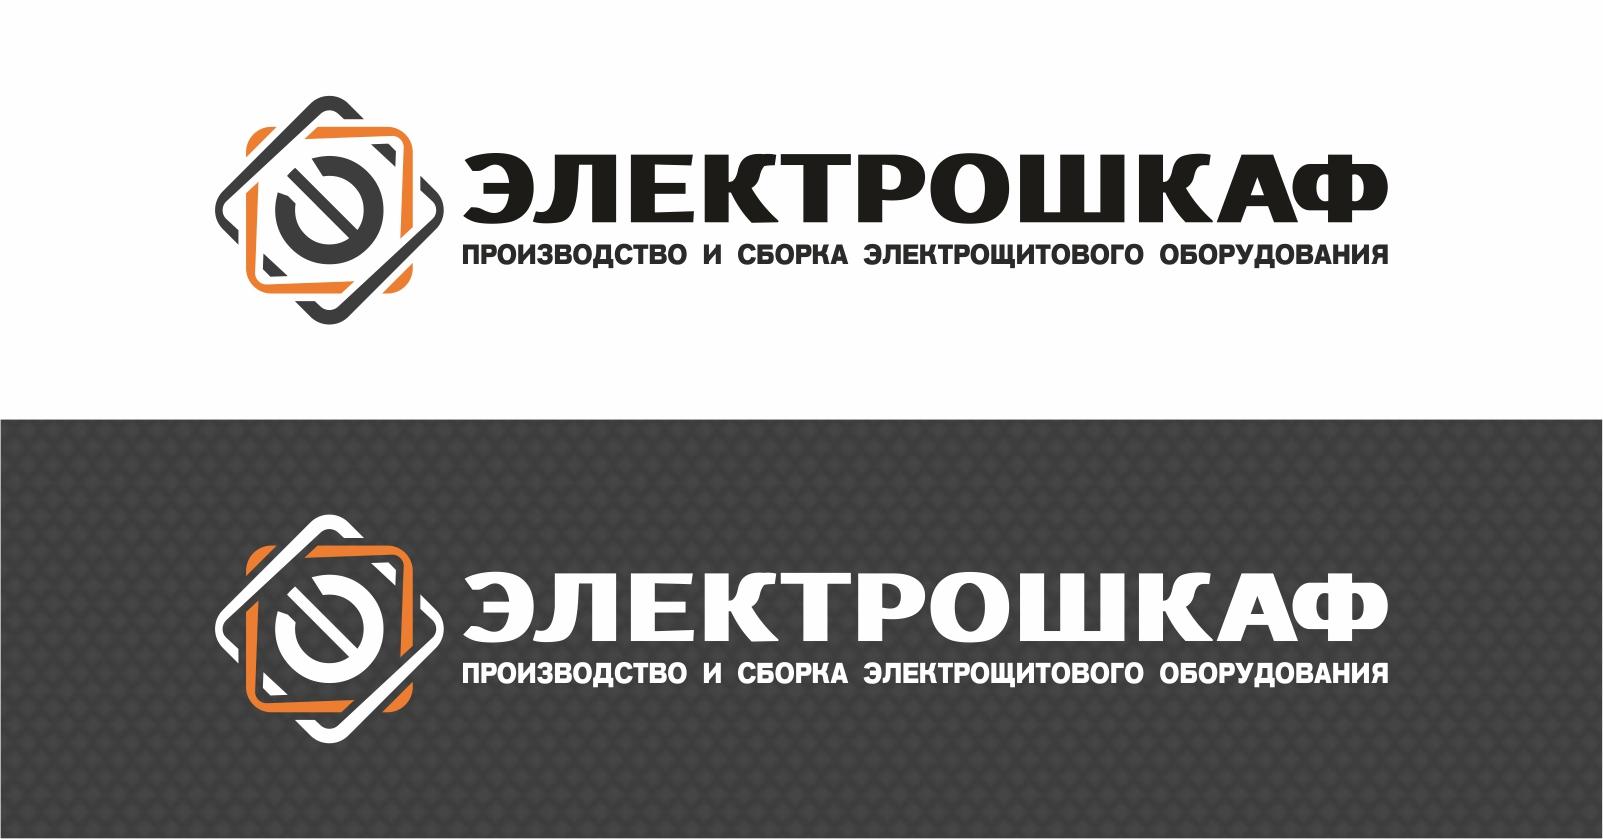 Разработать логотип для завода по производству электрощитов фото f_4475b6d452c97a6c.jpg